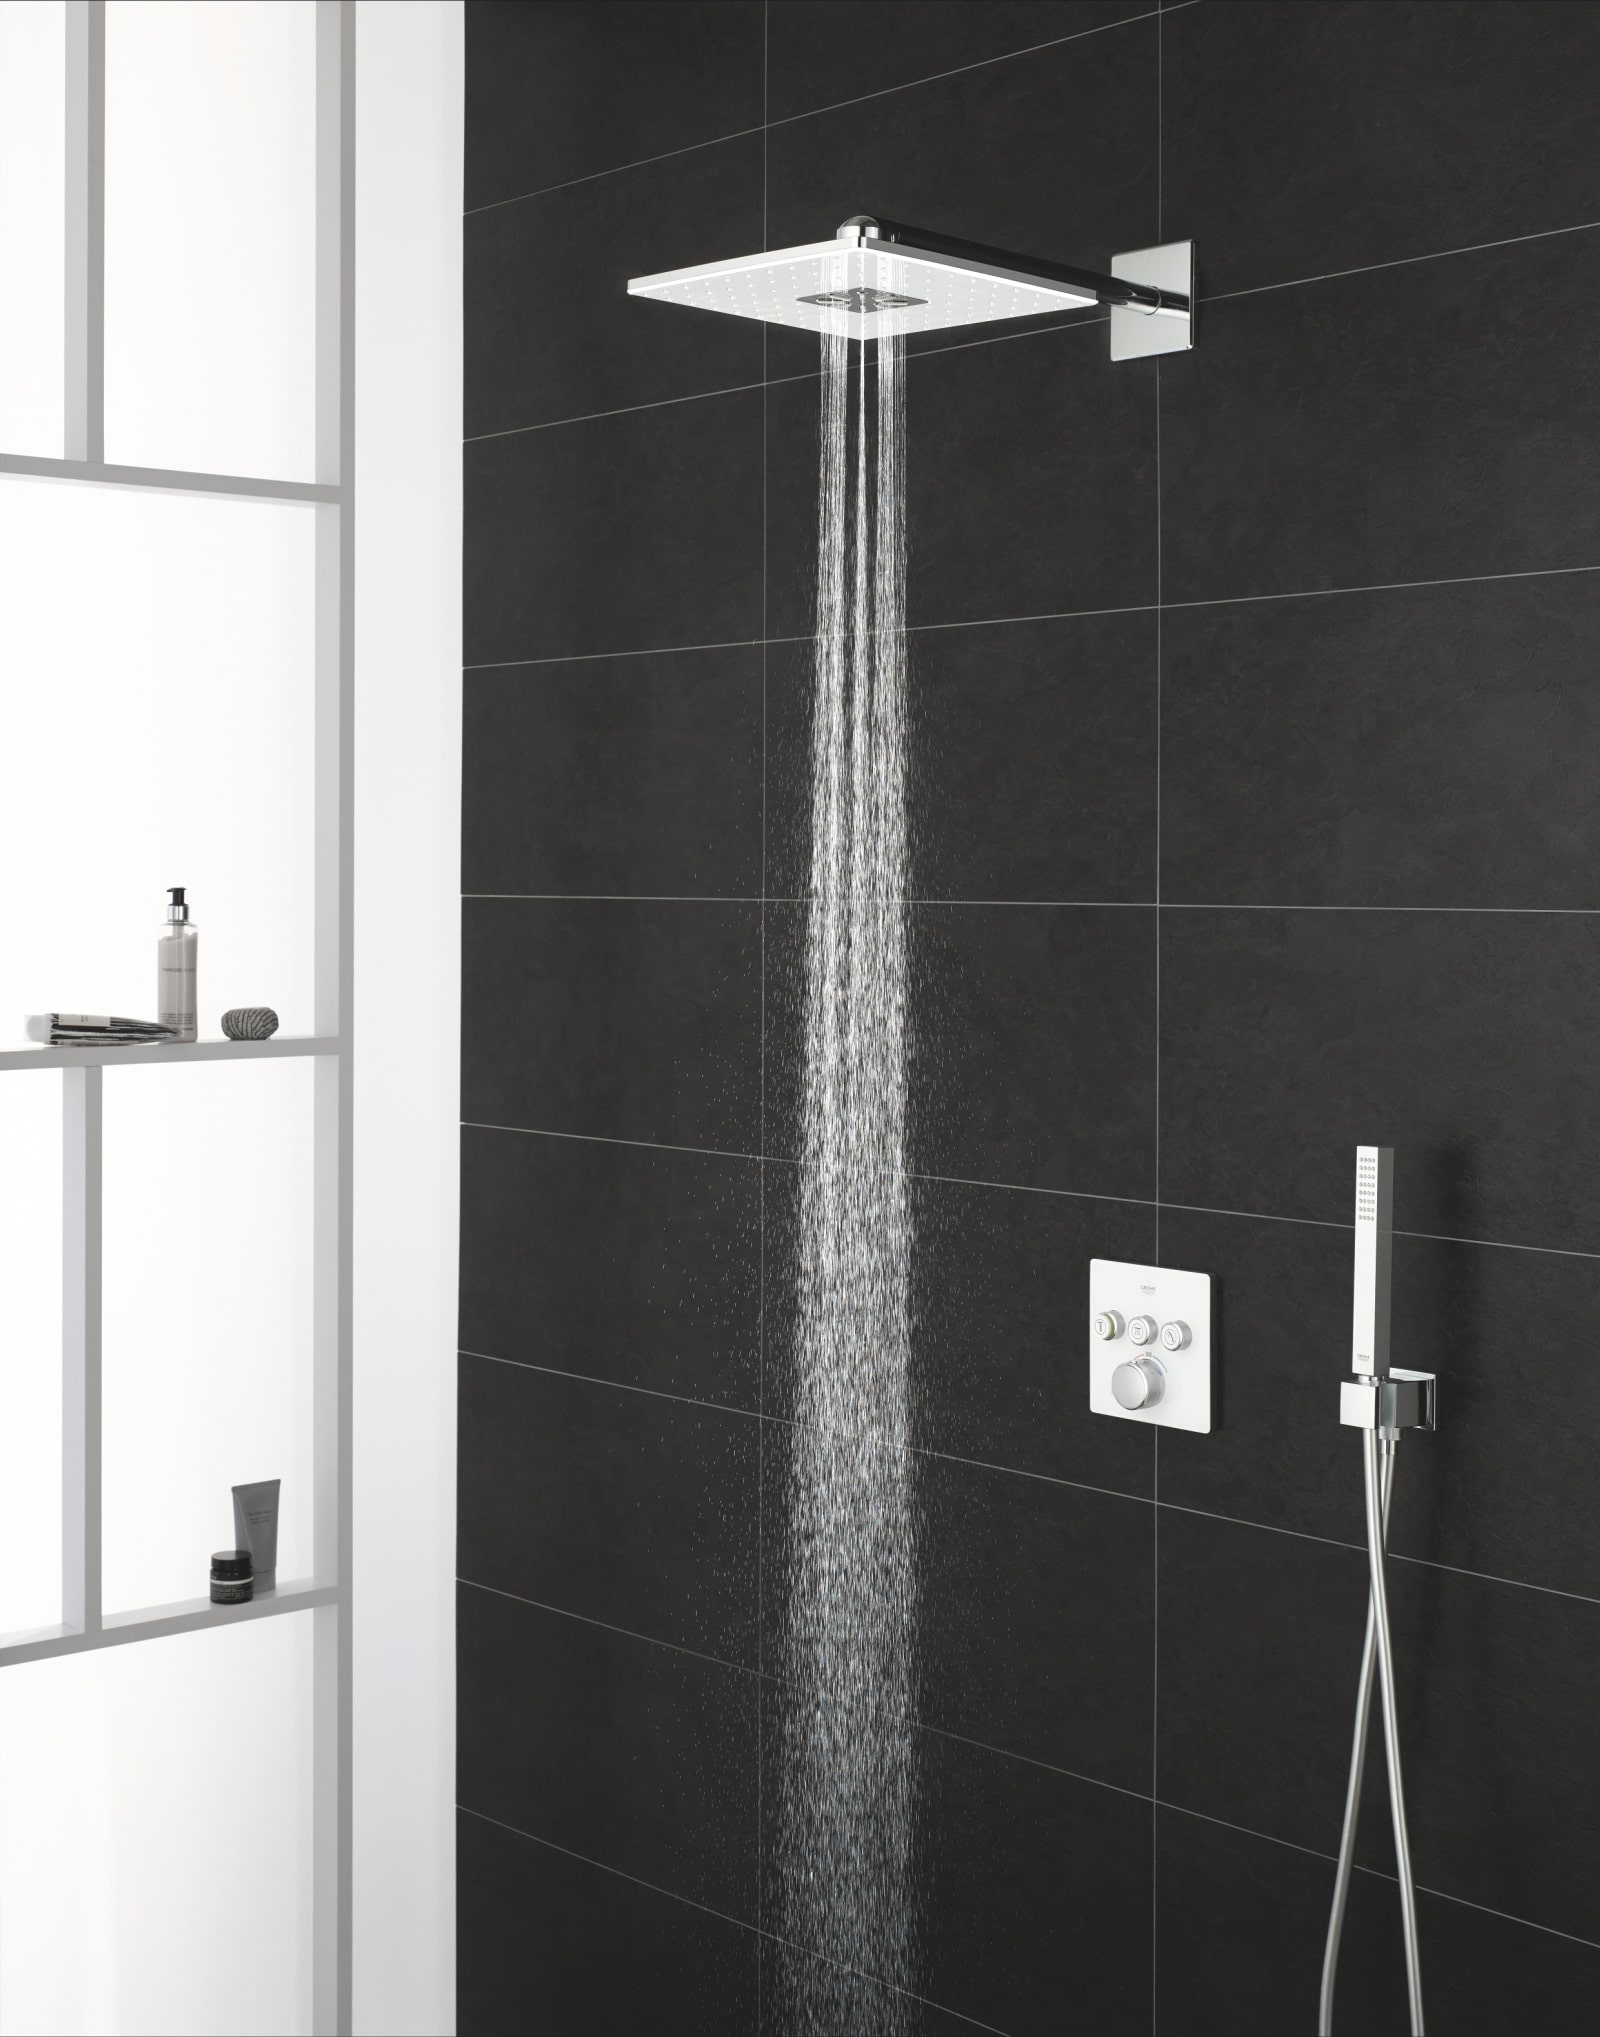 Podtynkowy system prysznicowy GROHE